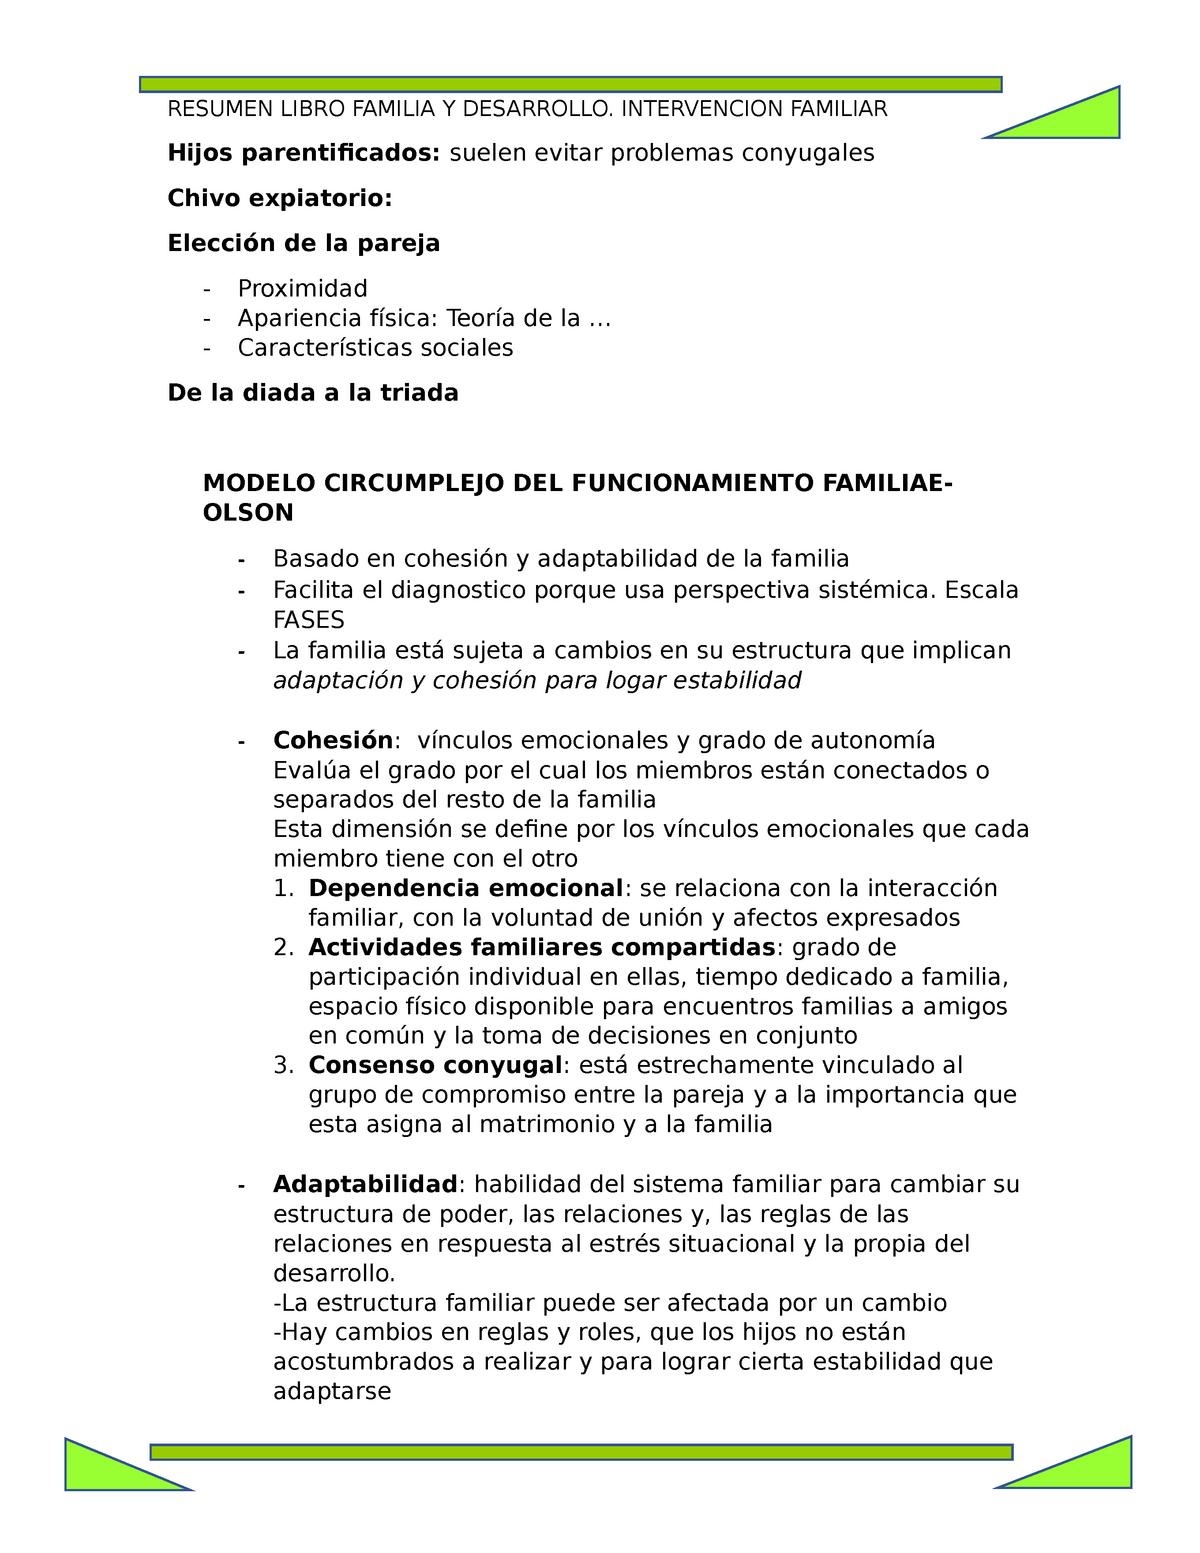 Psicologia Familiar Libro Valdes 7606027 Ucsm Studocu